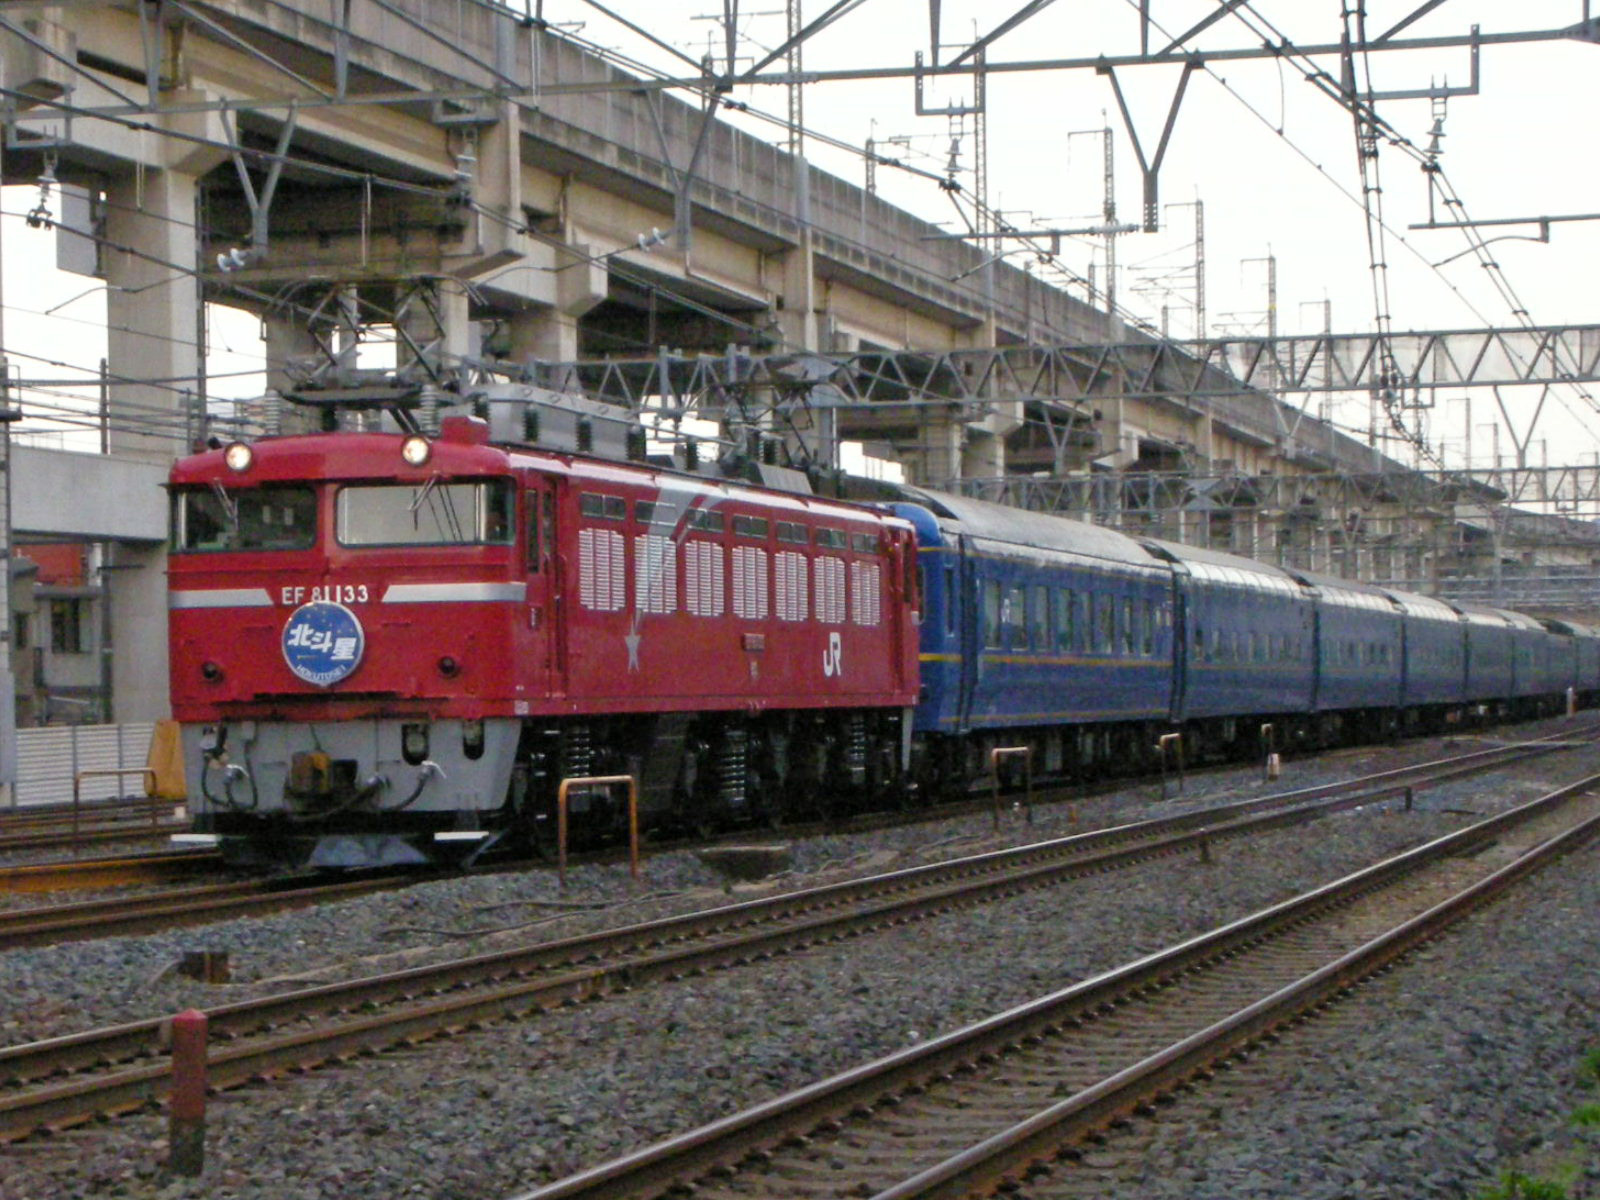 Rscn9537